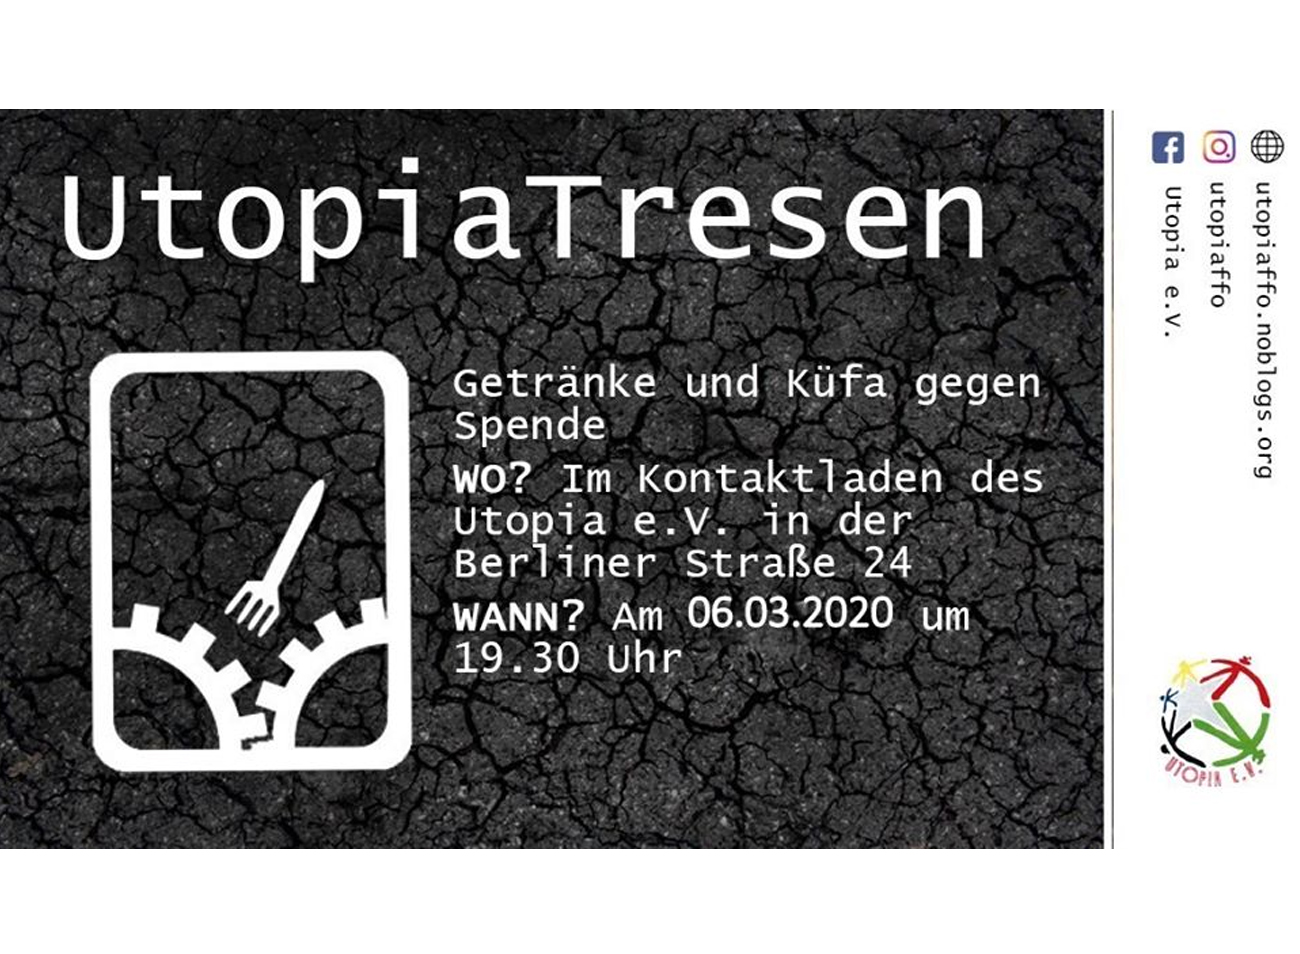 6.03.20 – Utopia-Tresen